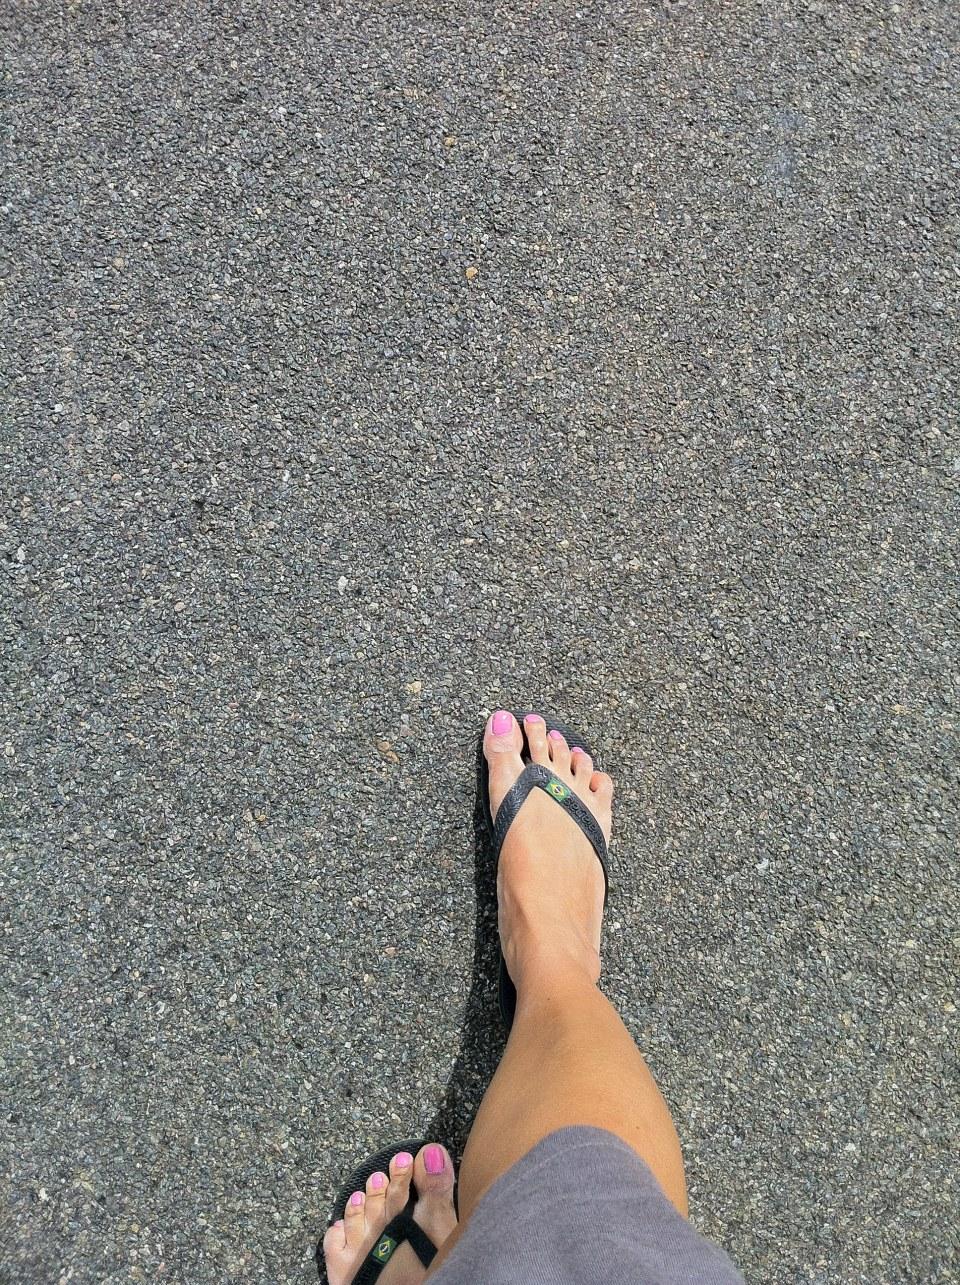 pourquoi tu montres tes pieds? tu les trouves beaux? .. parce que j'ai envie et que c'est mes vacances..